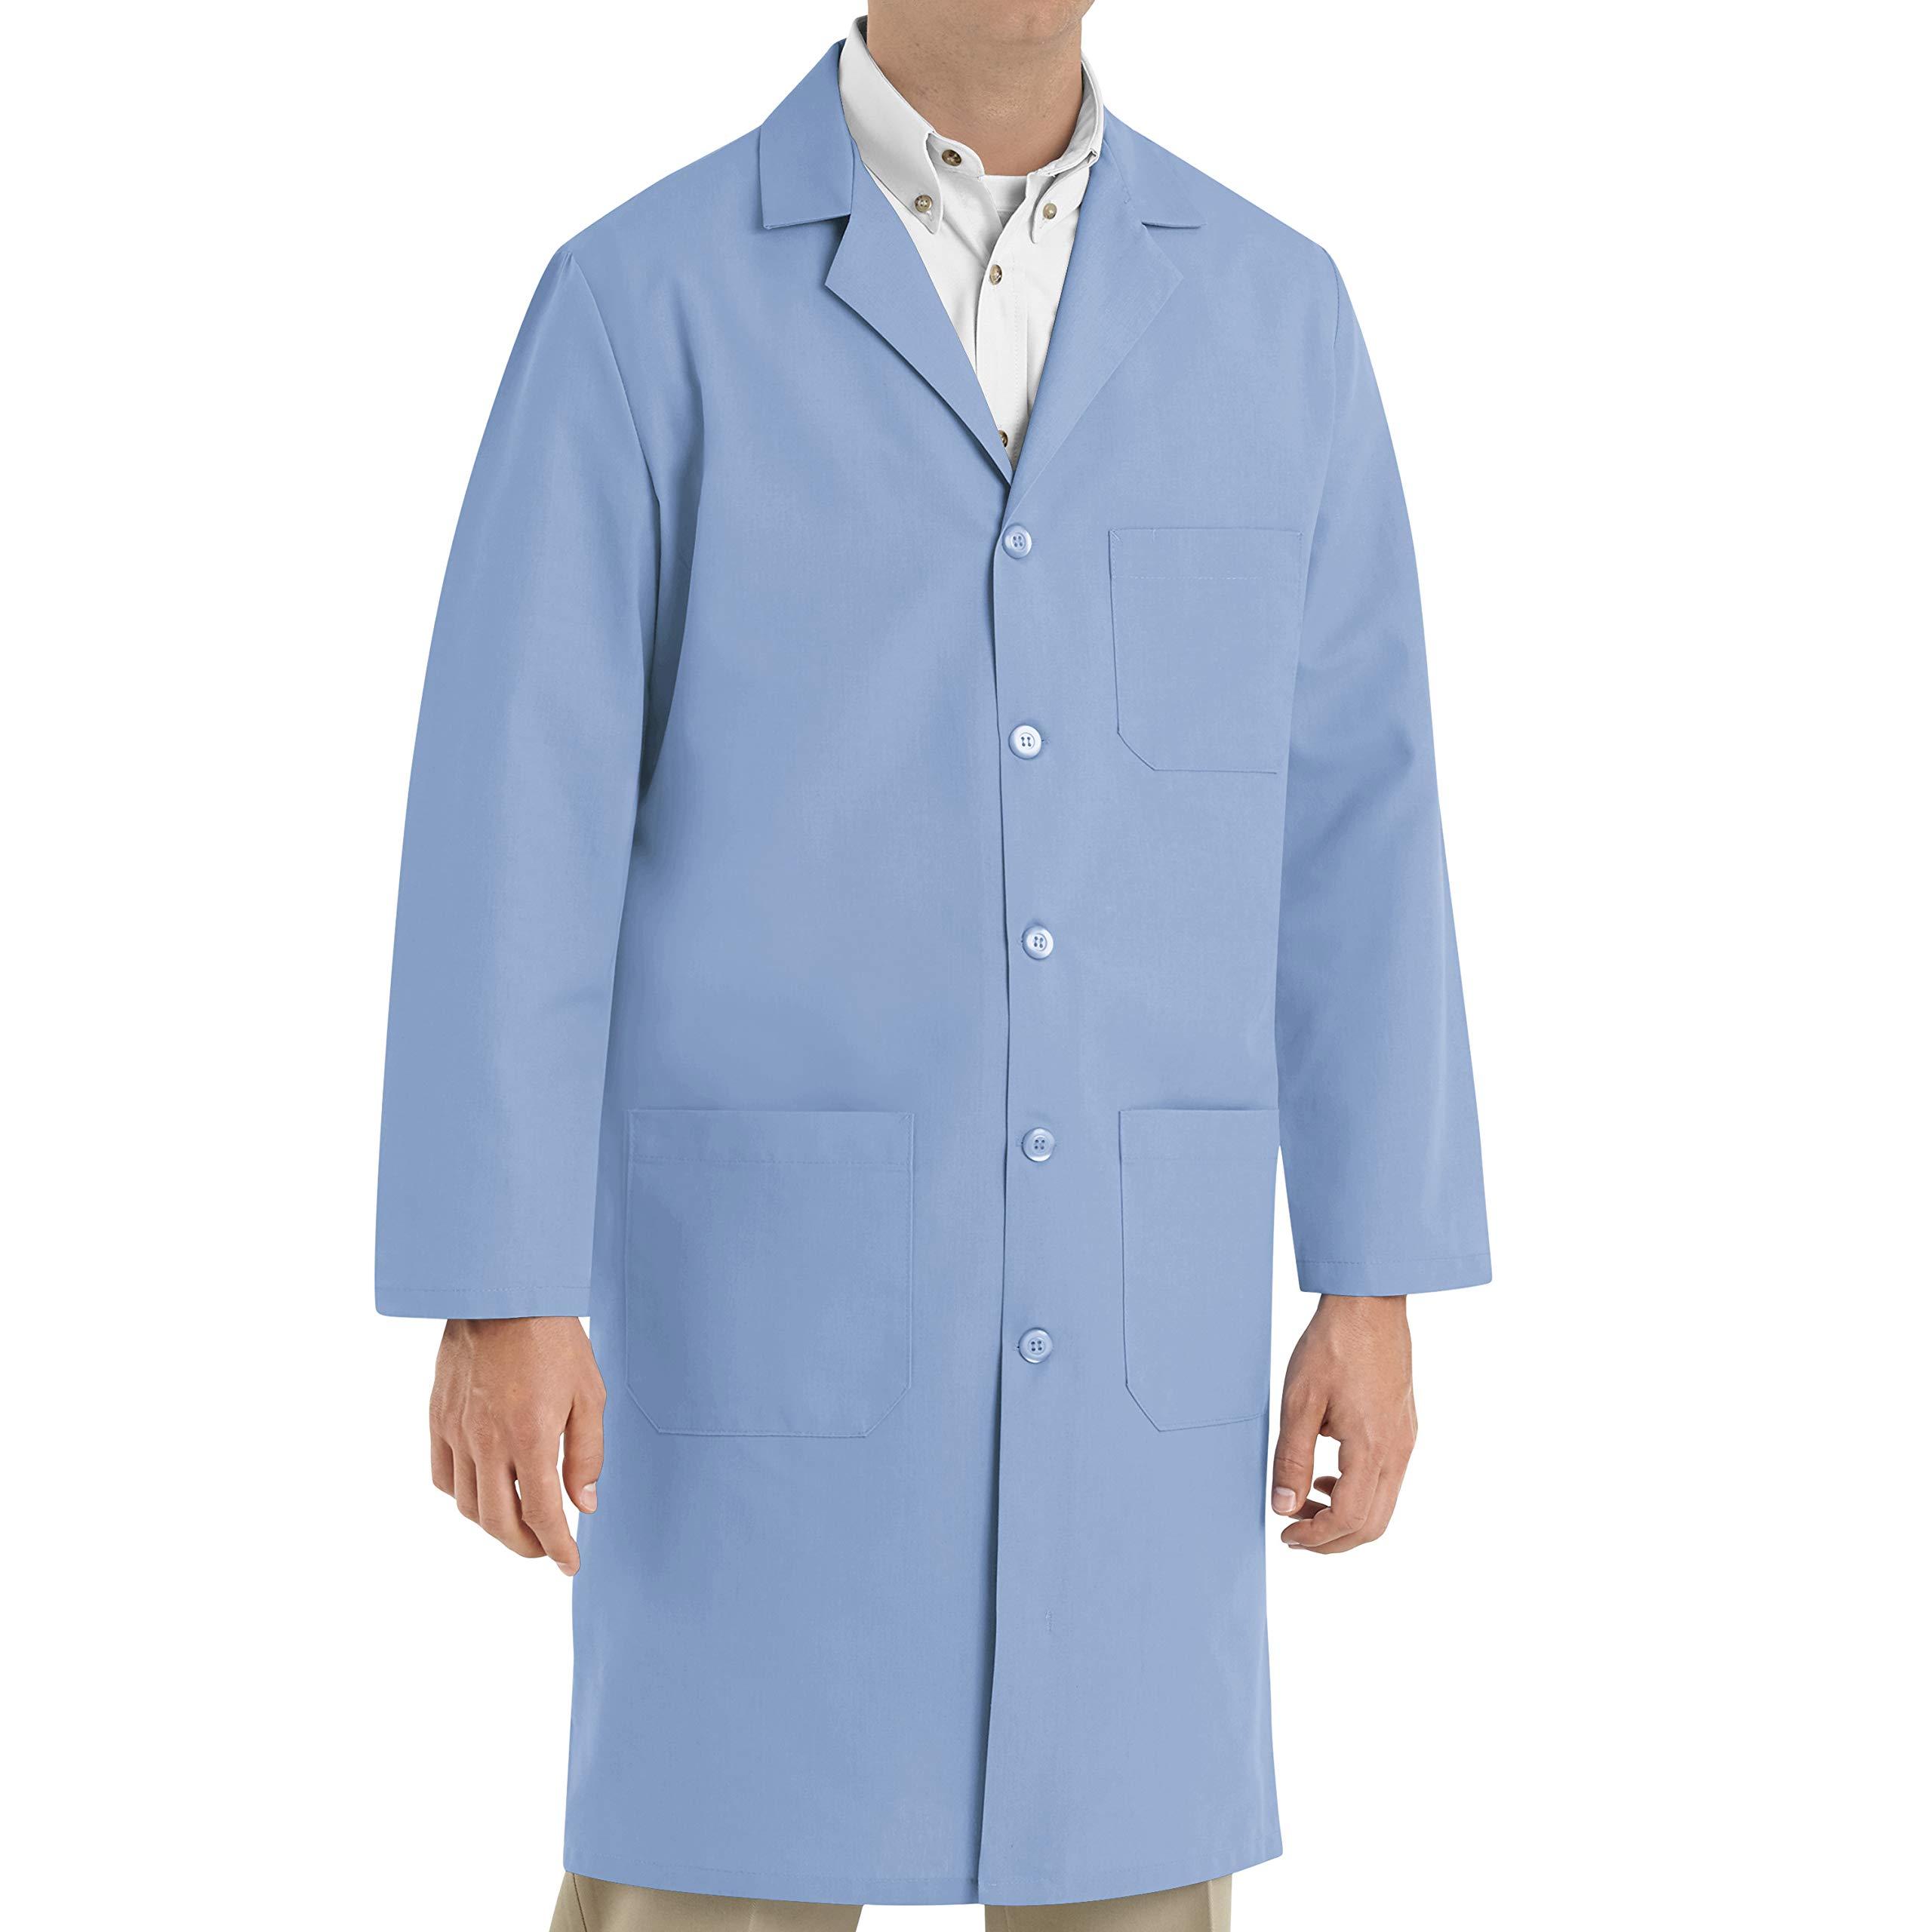 Red Kap Men's Exterior Pocket Original Lab Coat